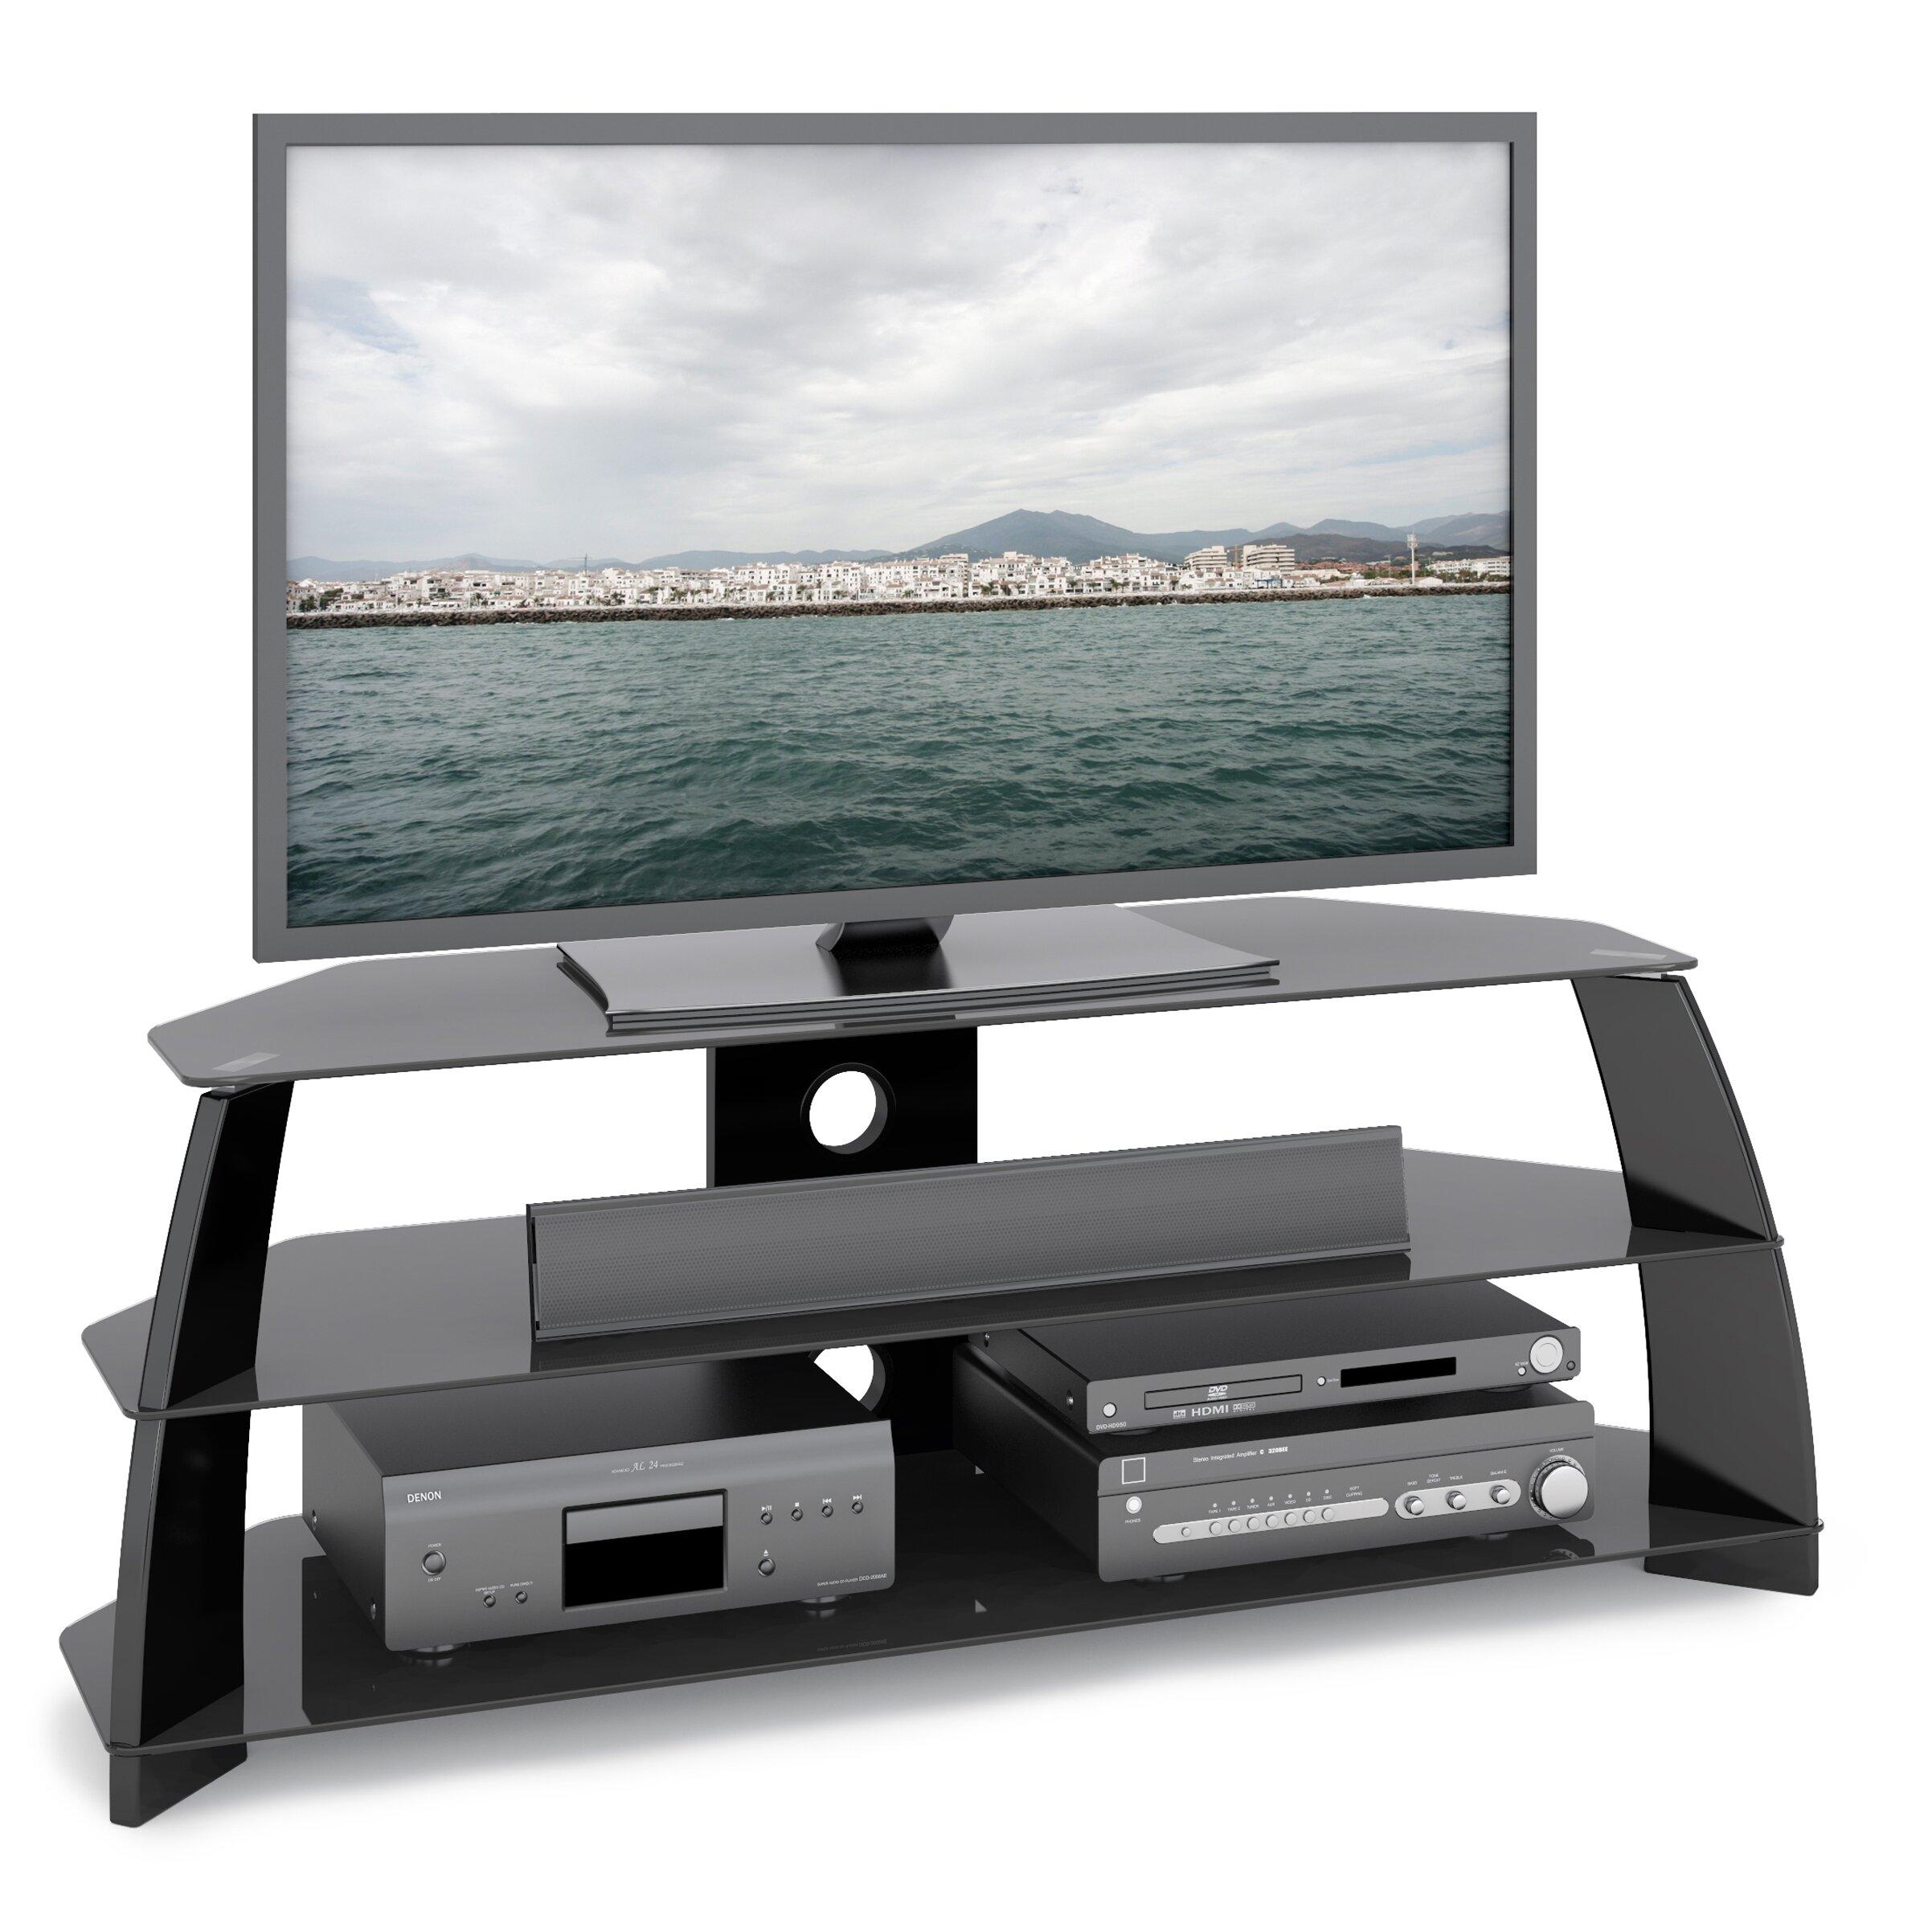 dcor design taylor tv stand reviews wayfair. Black Bedroom Furniture Sets. Home Design Ideas